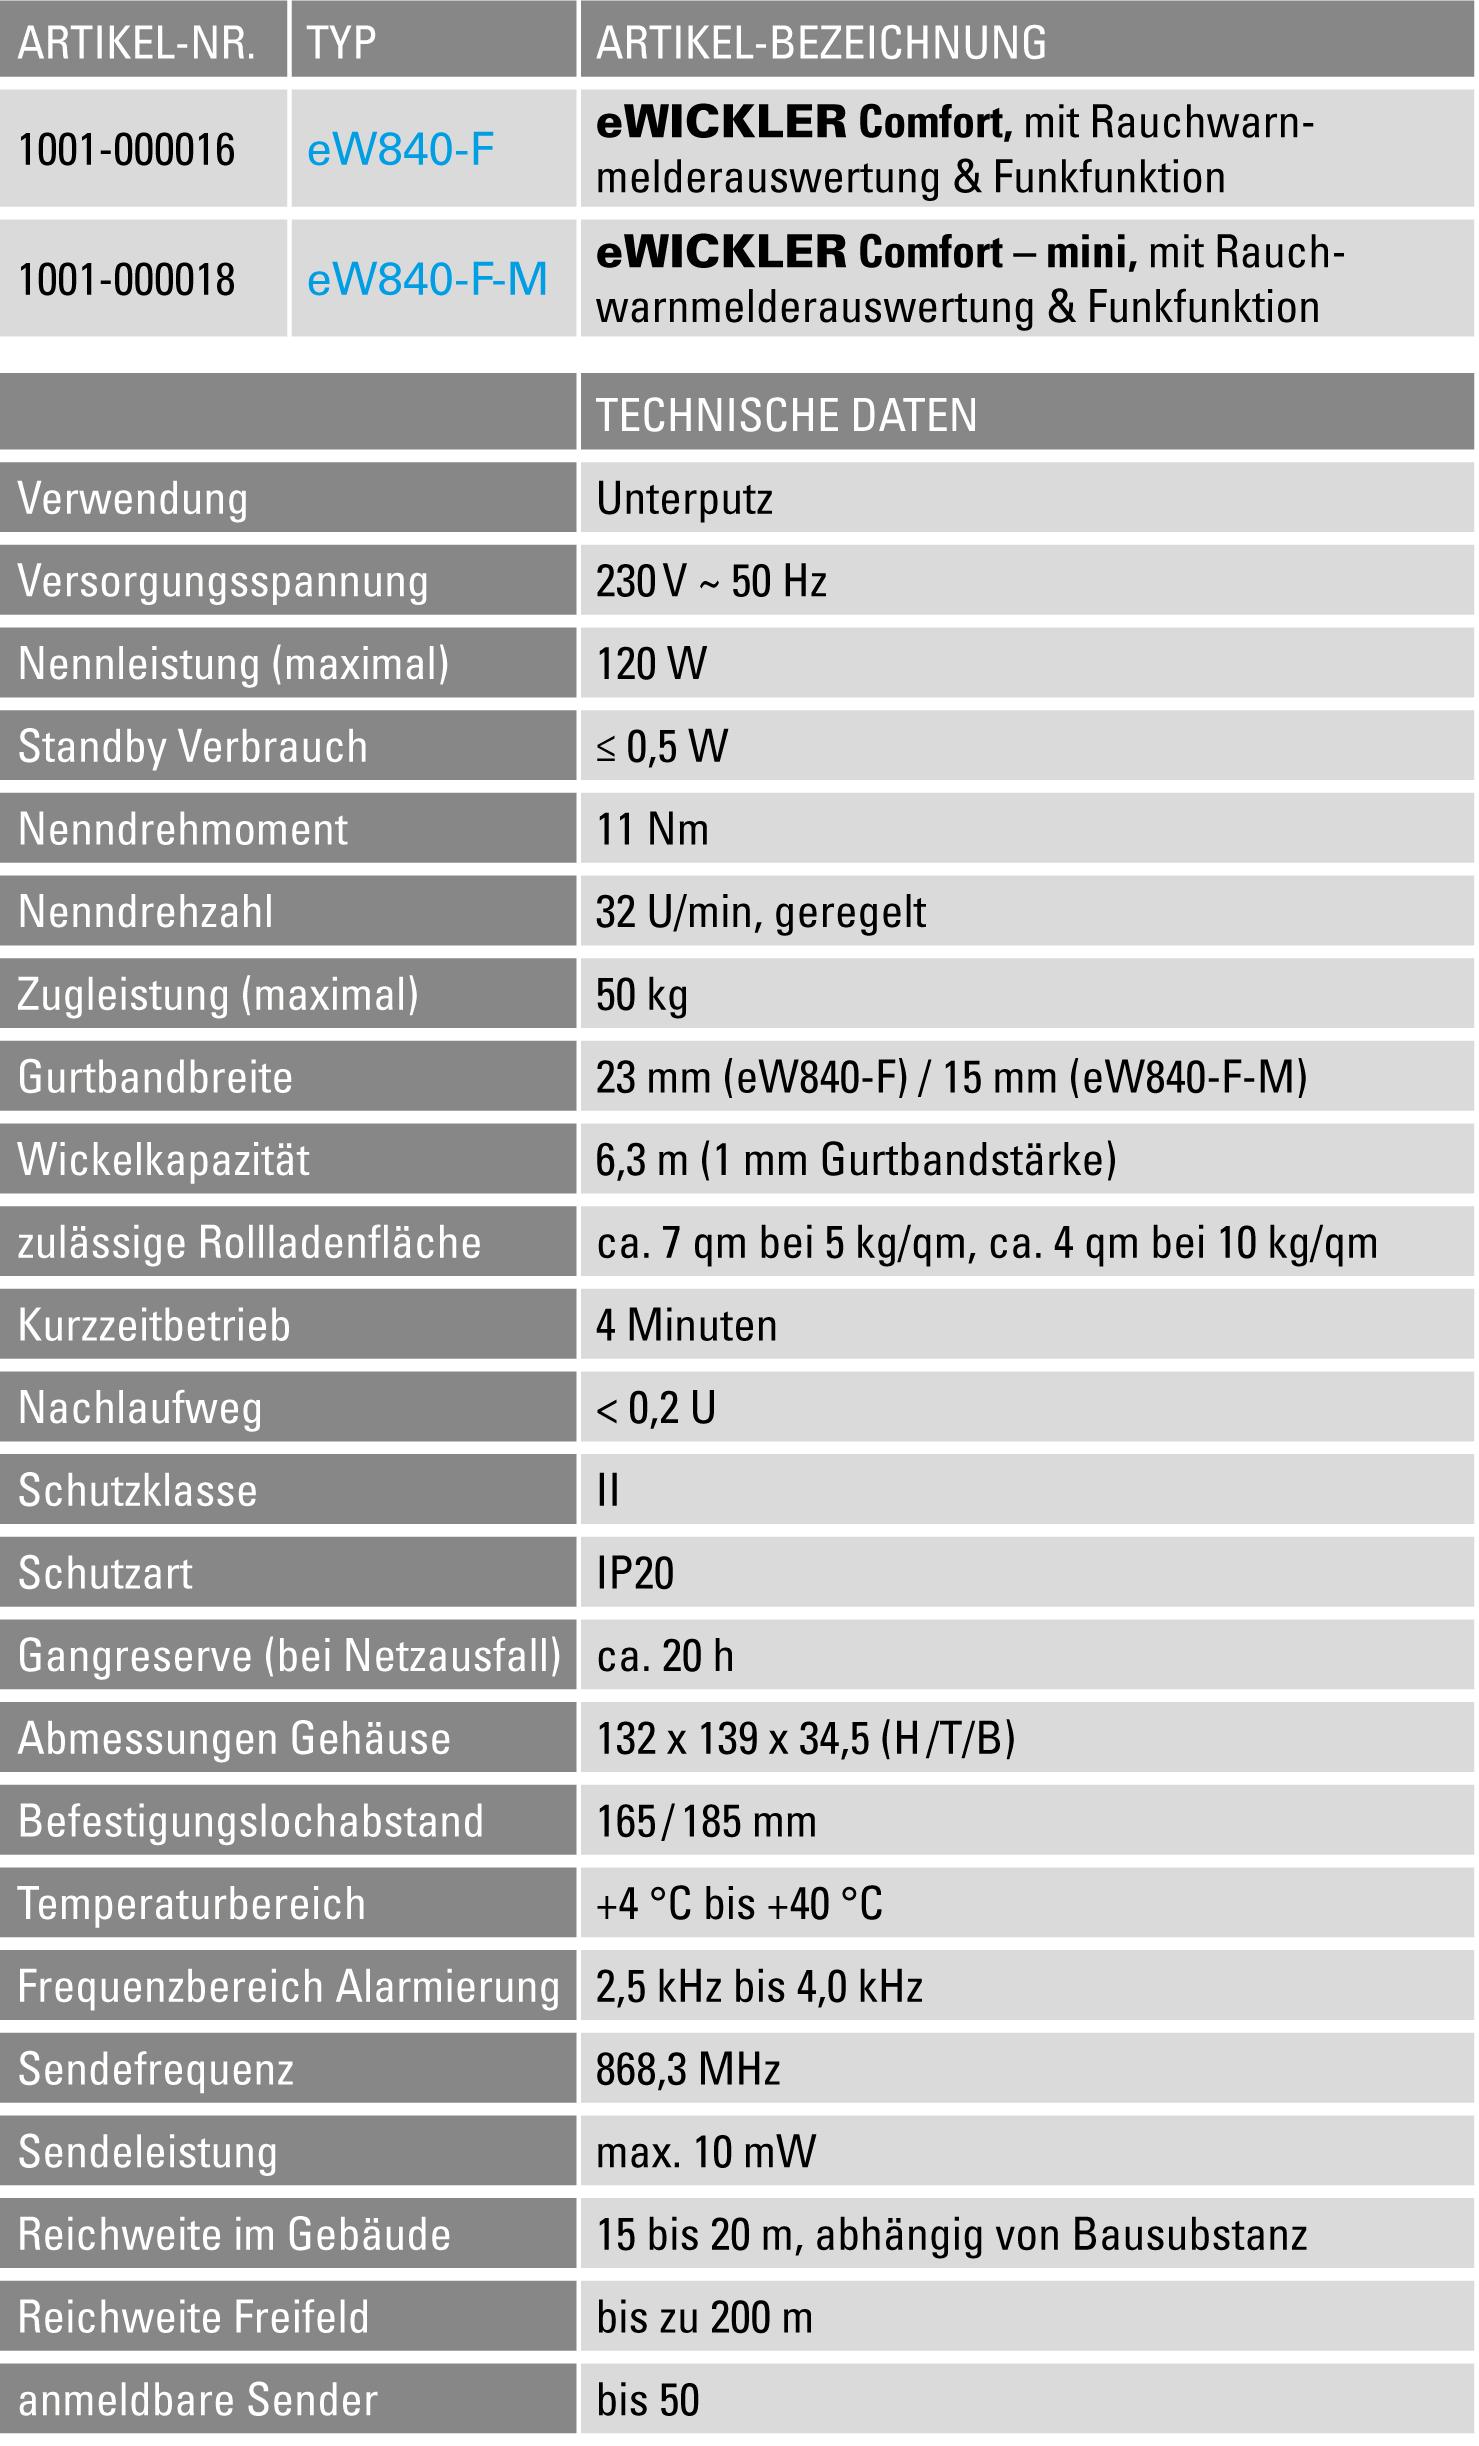 ew840-F-Technische-Daten7NJLhZsE0nmLE